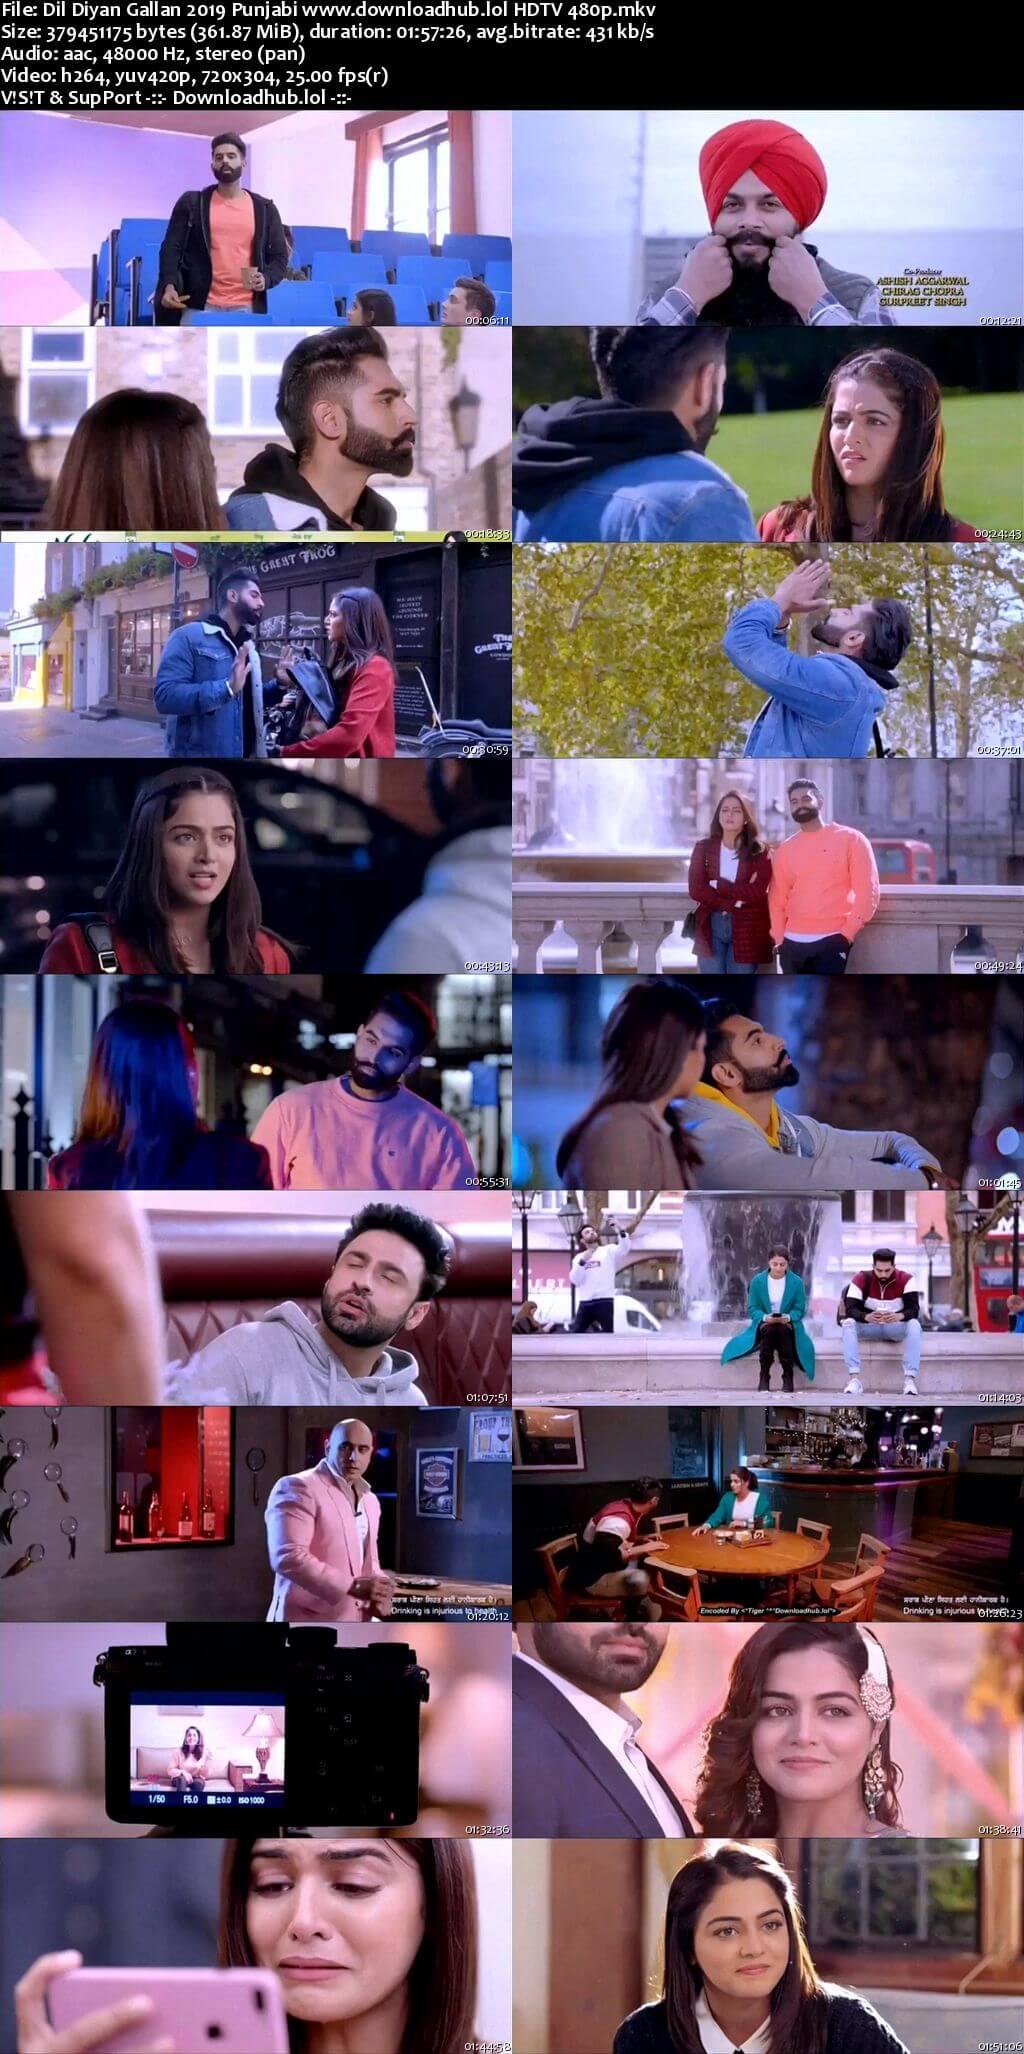 Dil Diyan Gallan 2019 Punjabi 350MB HDTV 480p